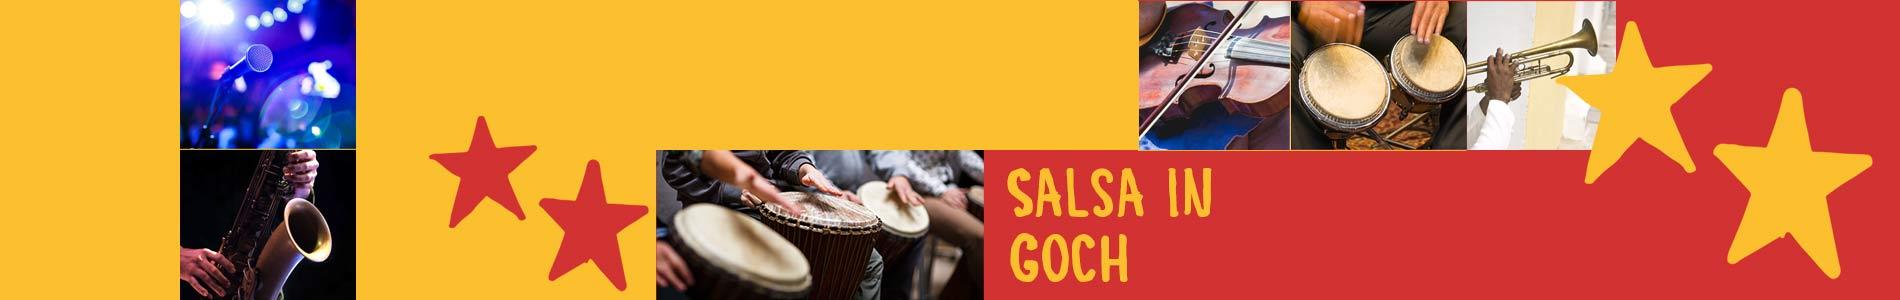 Salsa in Goch – Salsa lernen und tanzen, Tanzkurse, Partys, Veranstaltungen